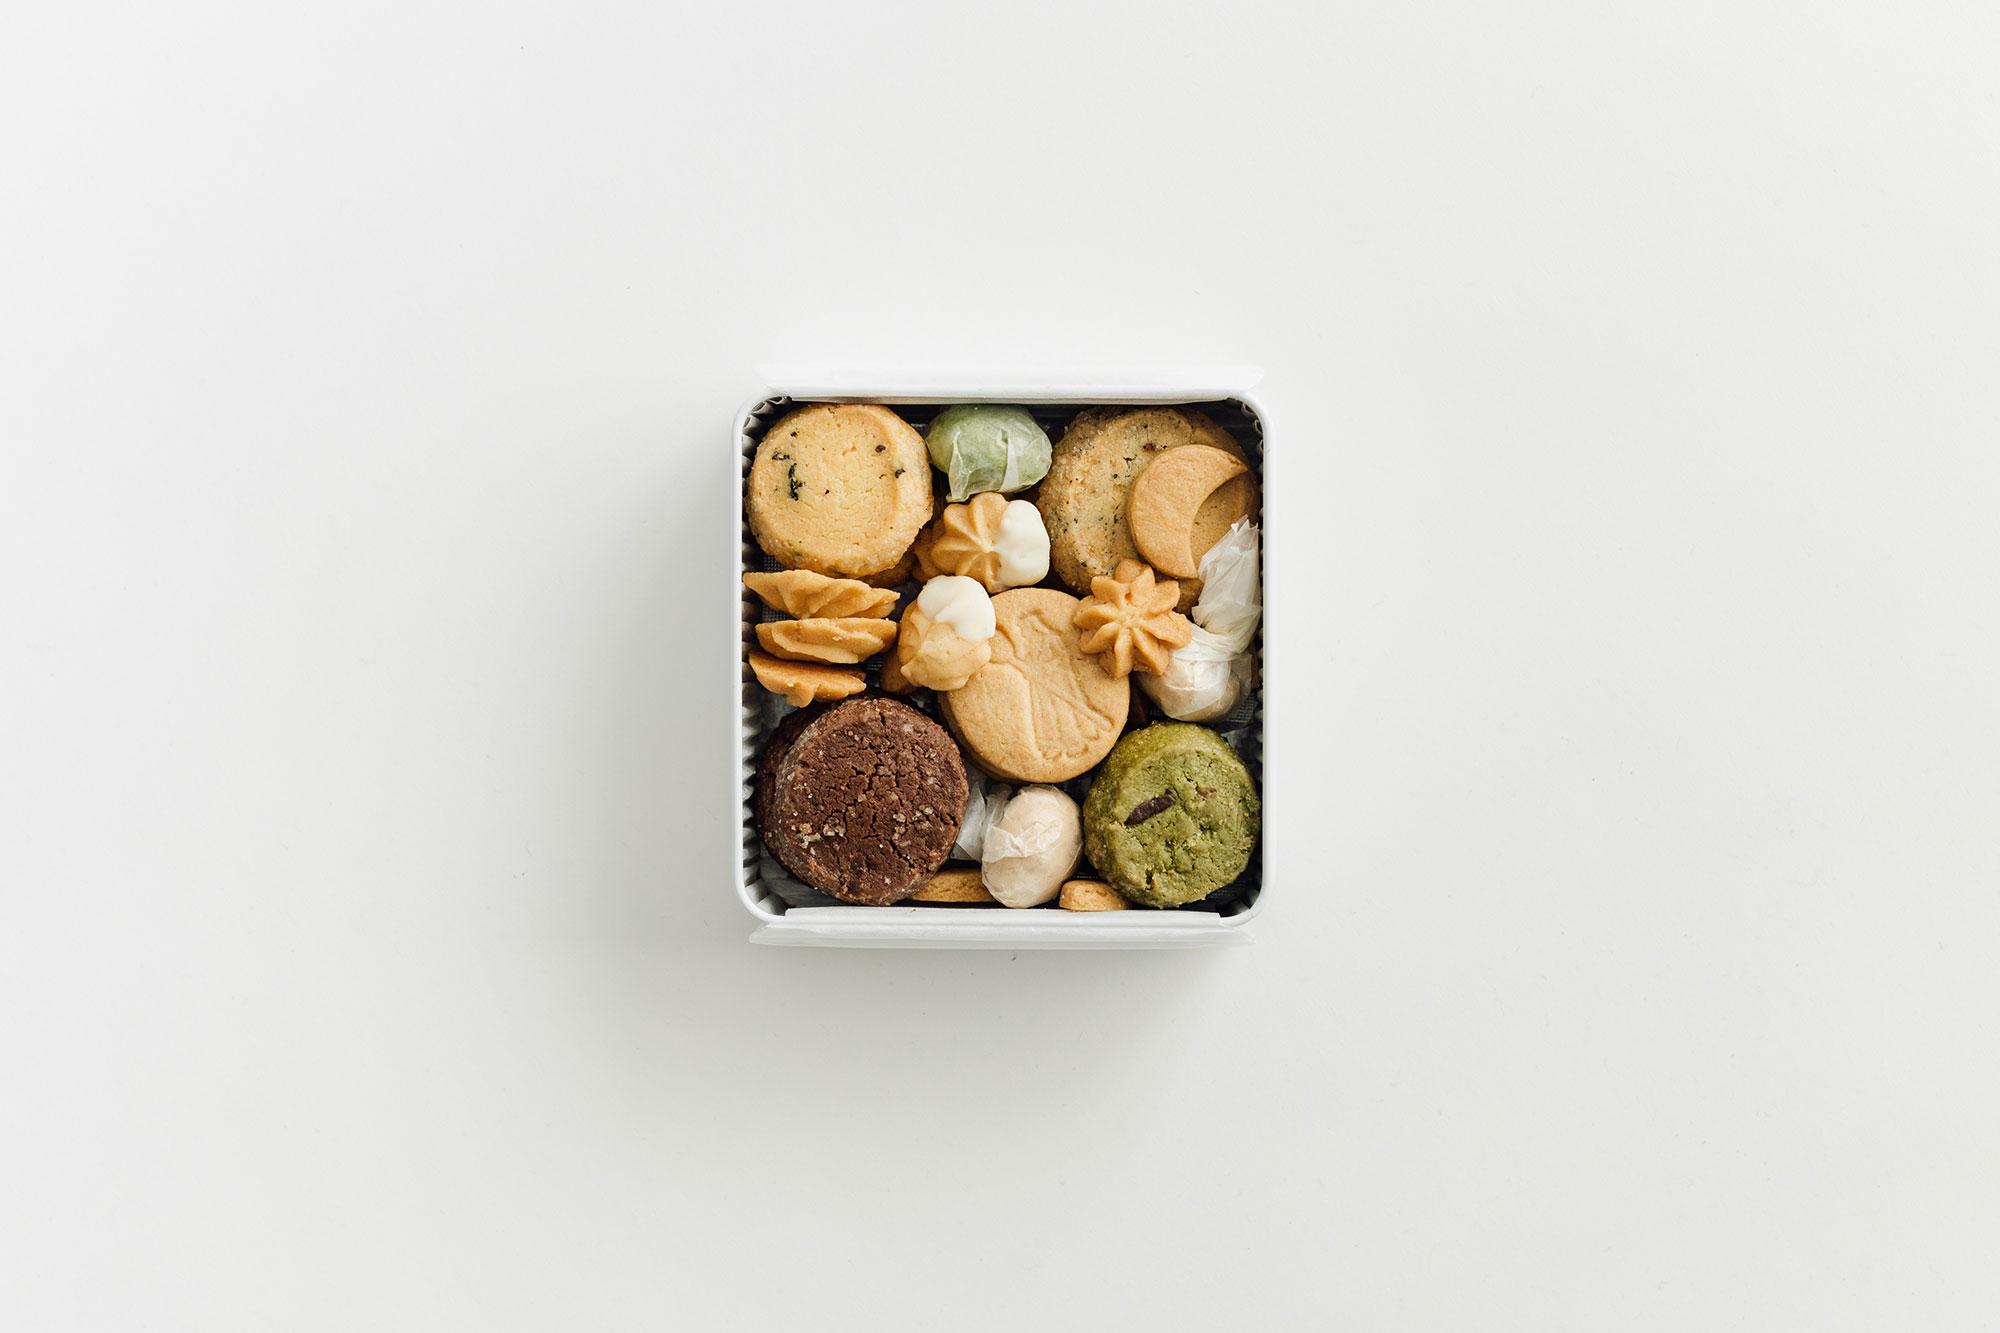 【7月10日発送】 Bionさんの季節のお届け便 summer B(クッキー缶 / シロップ / スコーン / コーヒーバッグ)